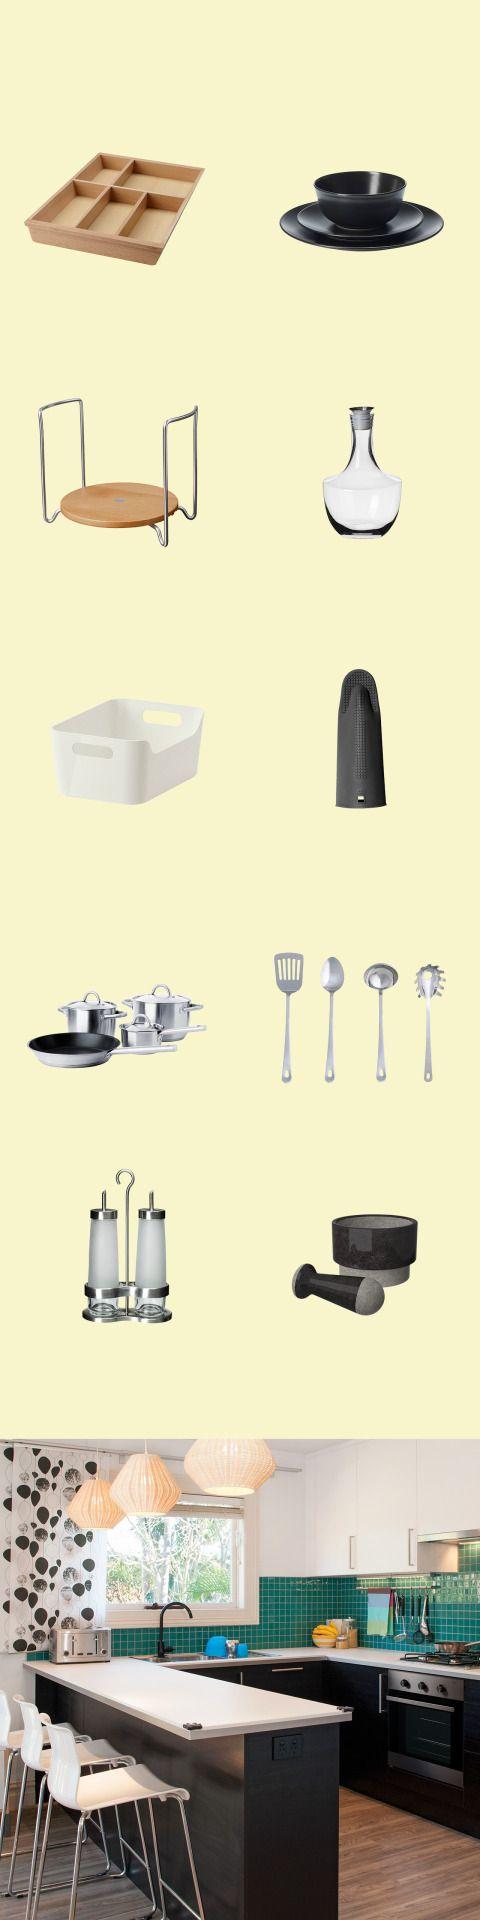 Modern Kitchen Accessories Uk 25 Best Ideas About Ikea Kitchen Accessories On Pinterest